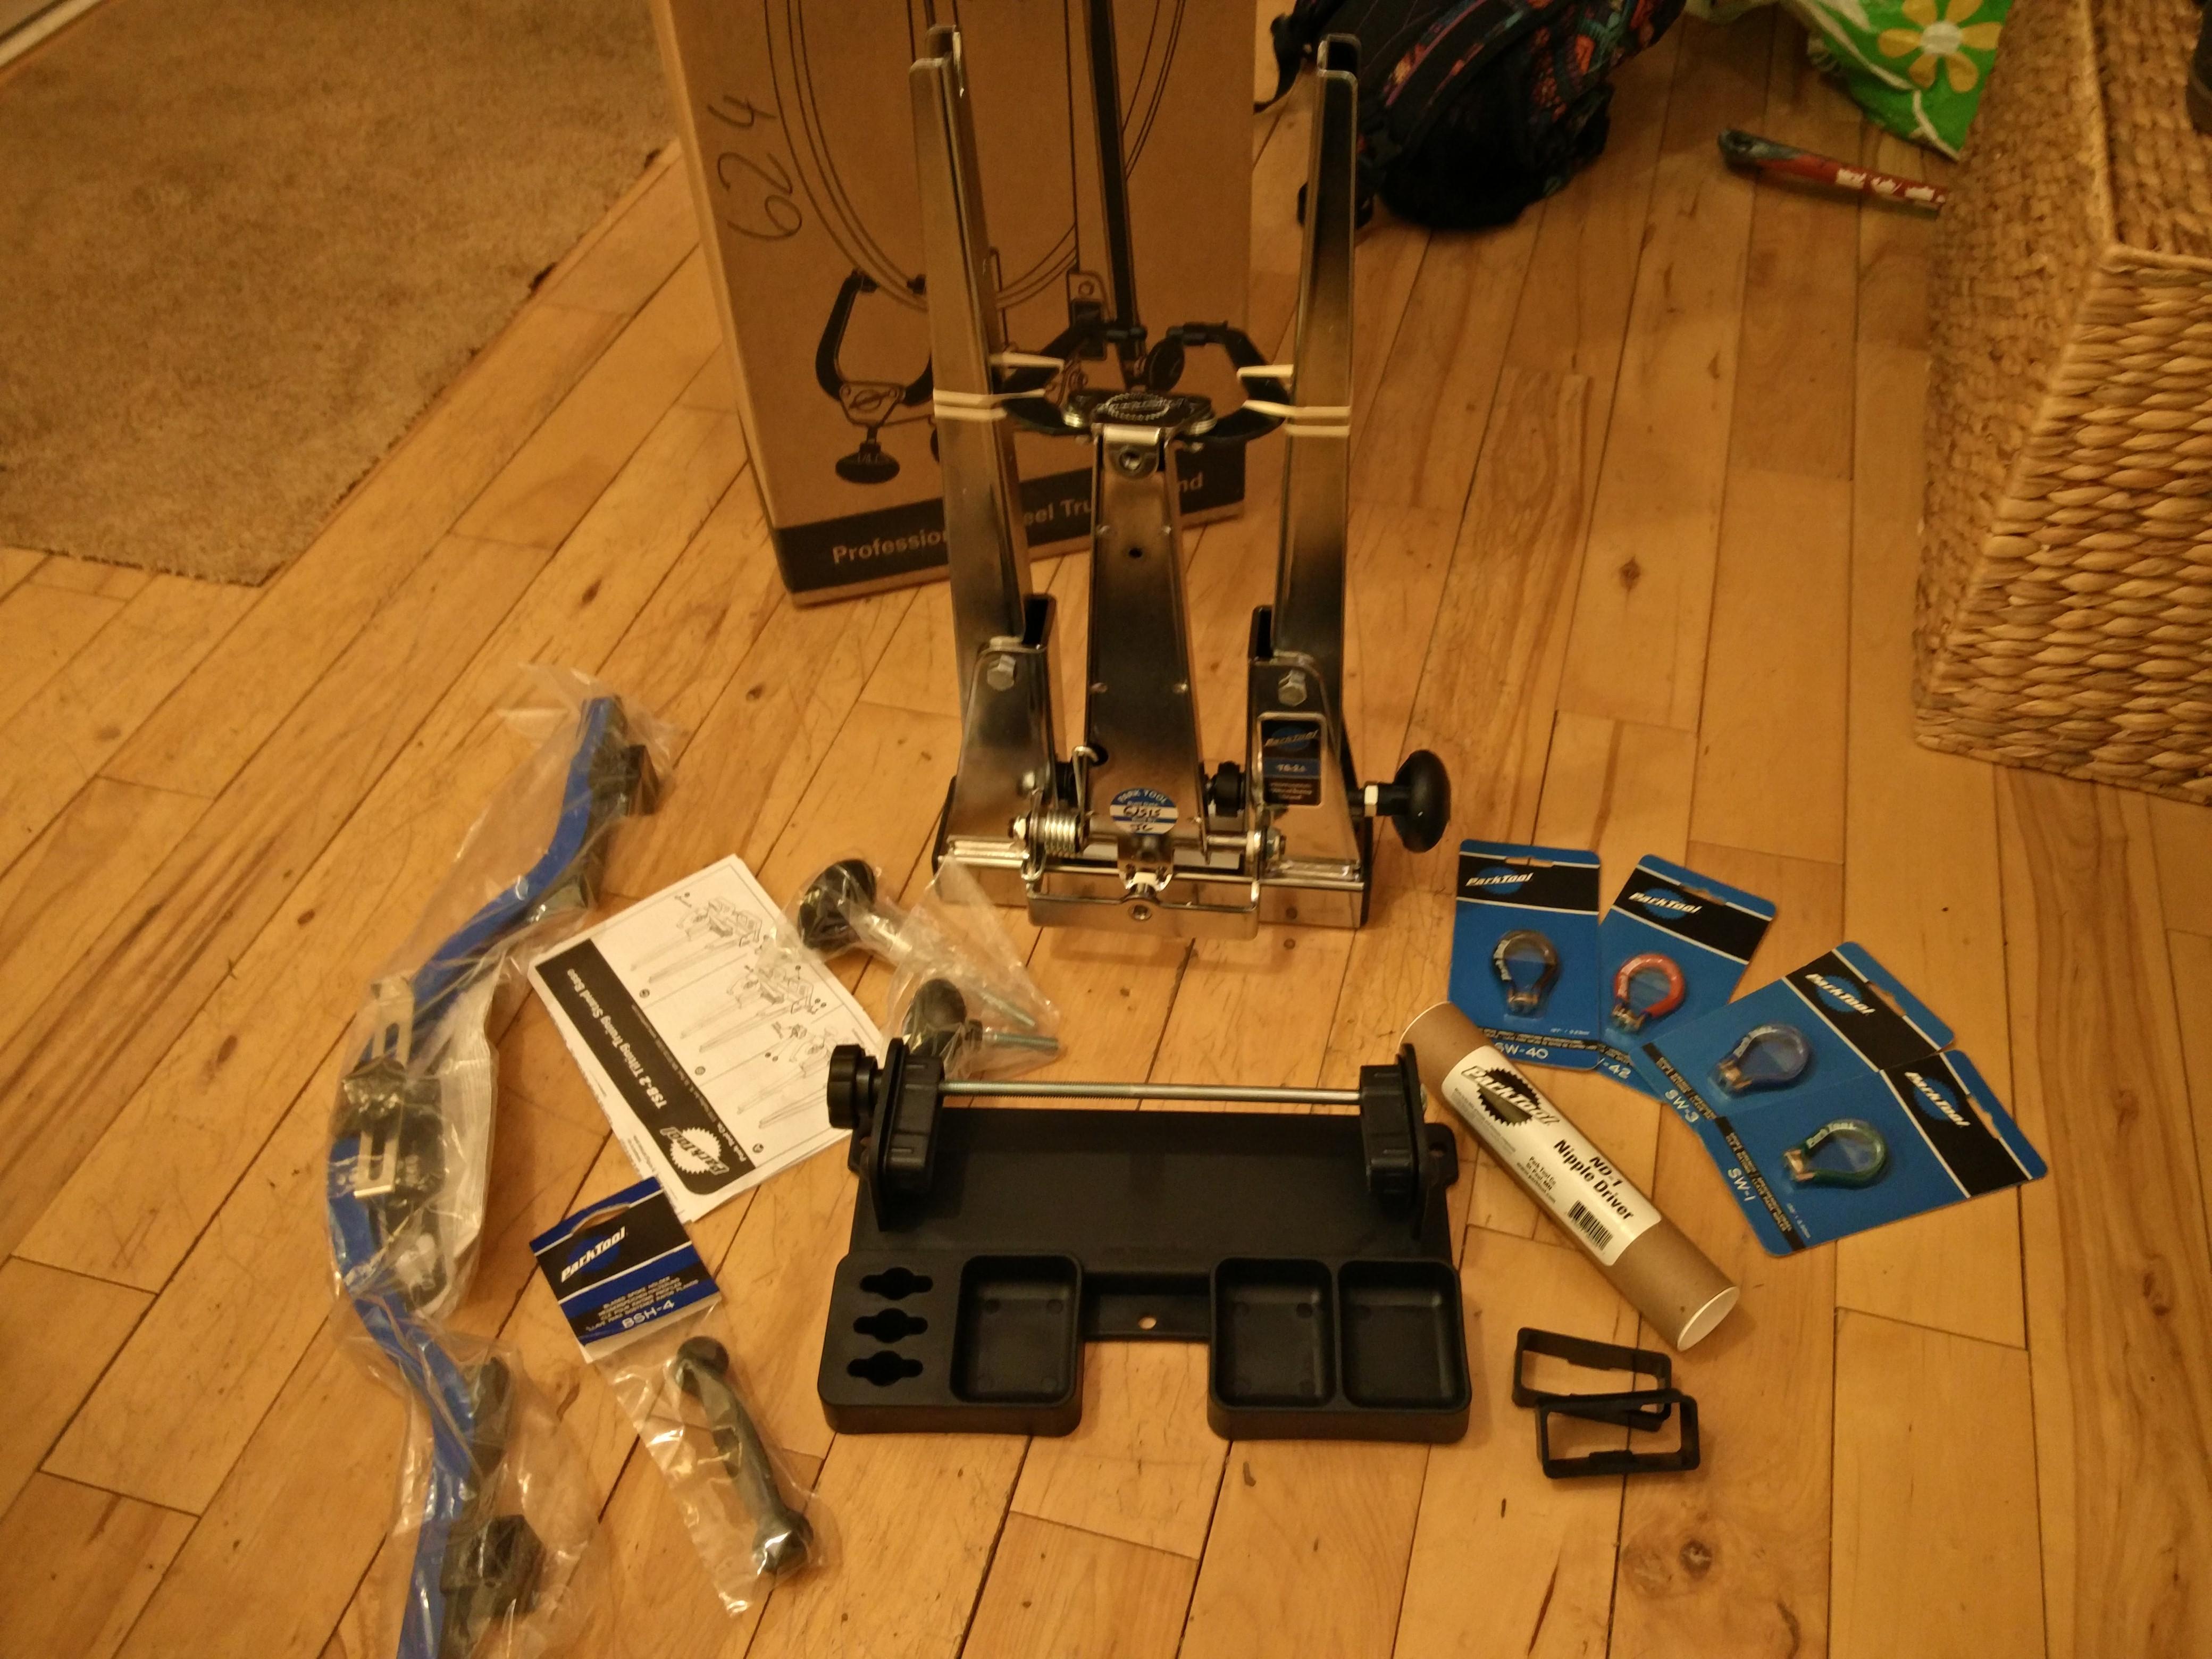 Unpacked tools